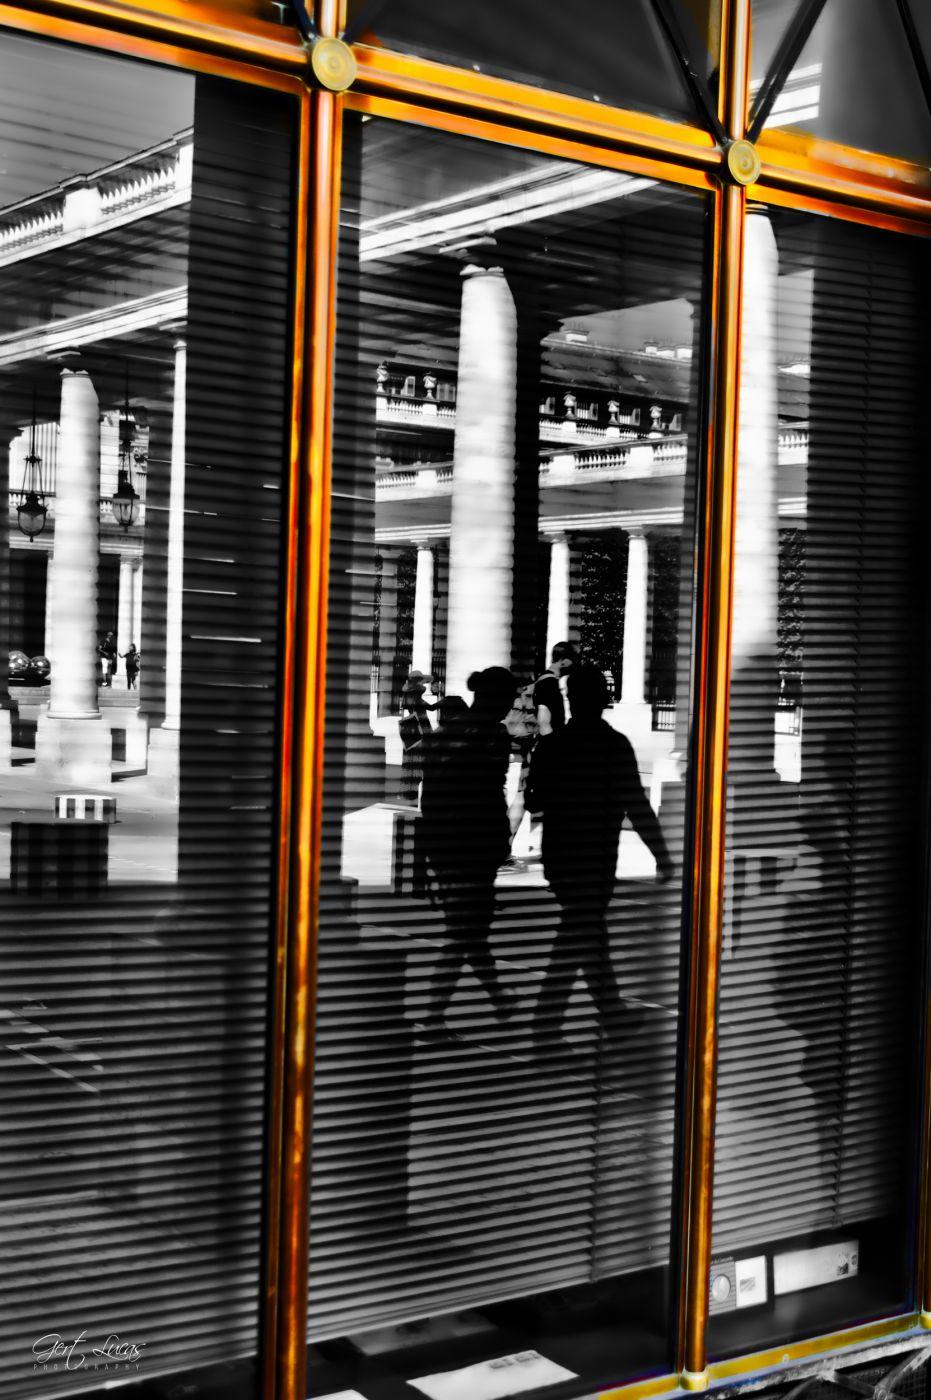 Reflecting upon Palais Royal, France